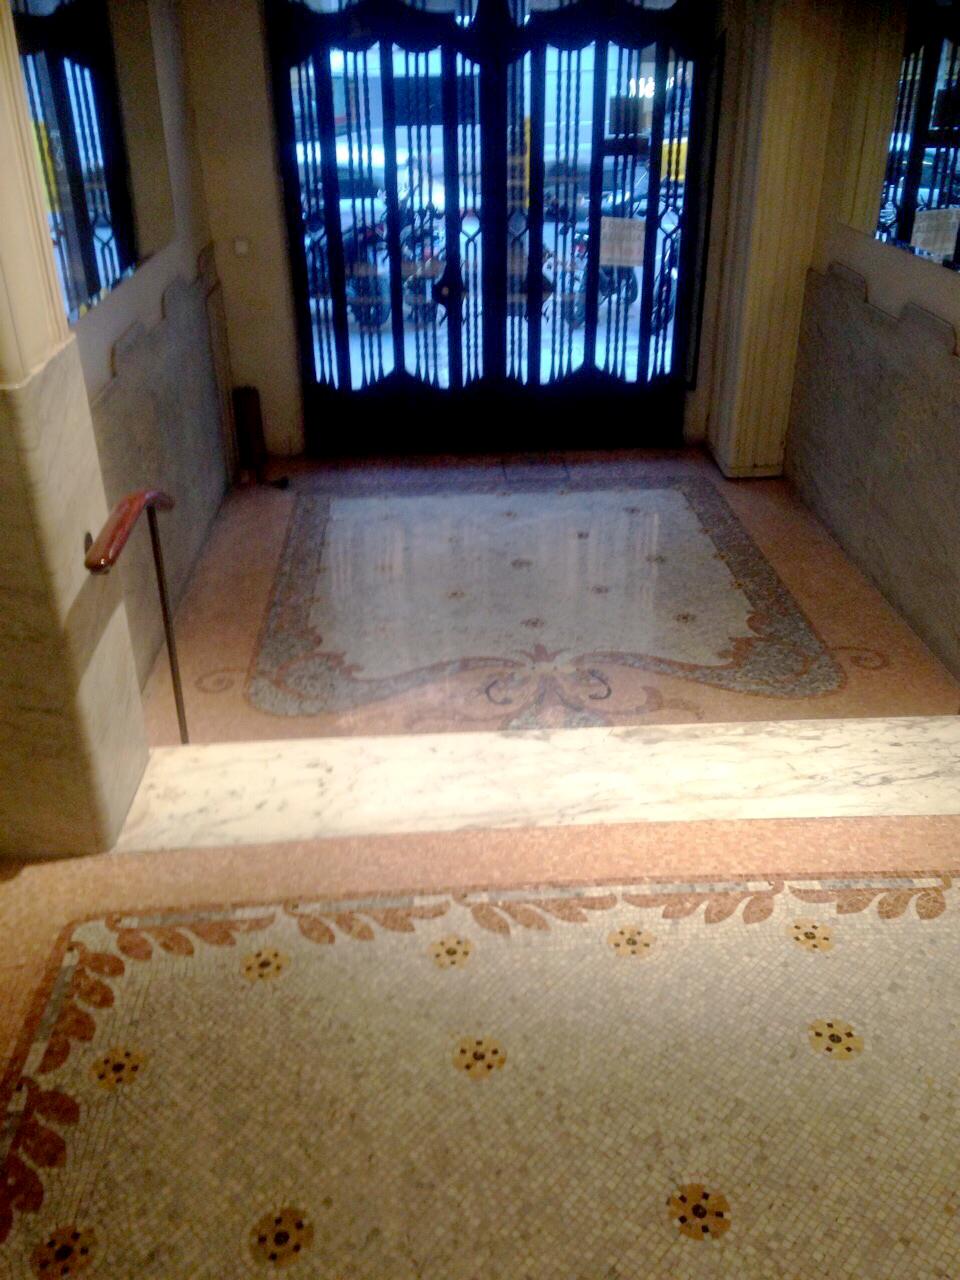 MosaicosBarcelona |Pulido y abrillantado de suelos en mosaico romano en Barcelona